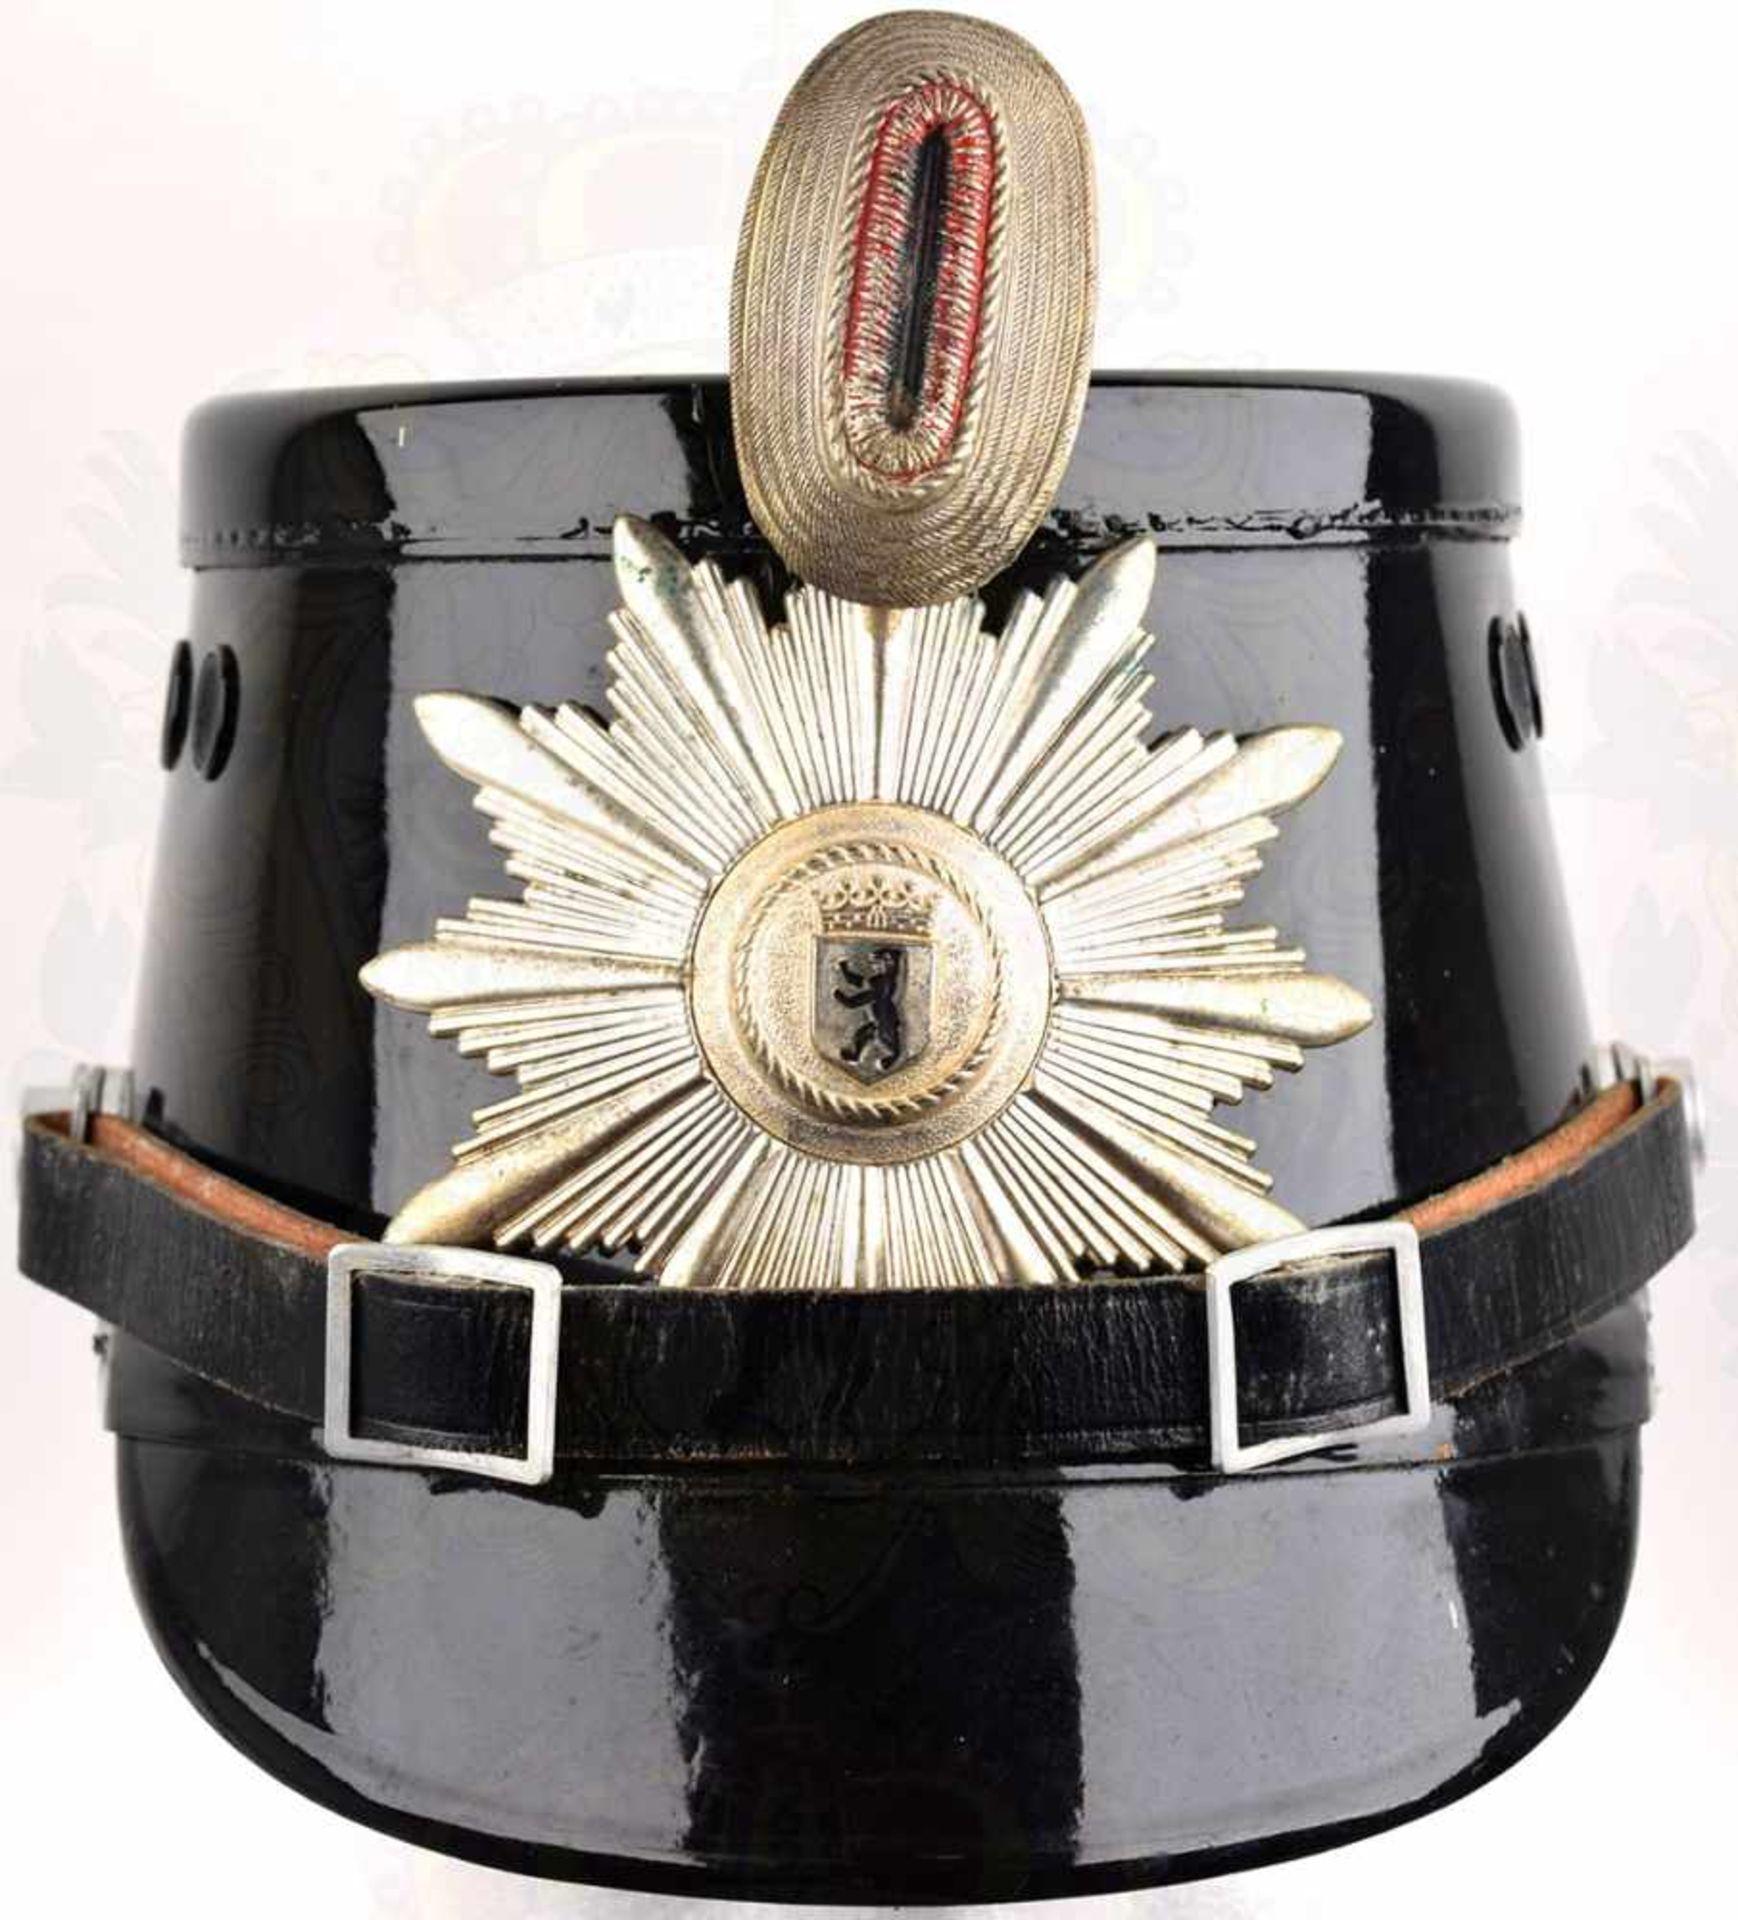 TSCHAKO POLIZEI WESTBERLIN, für Mannschaften, so getragen 1962-1968, schwarzer Fiberkorpus, je 2 - Bild 2 aus 3